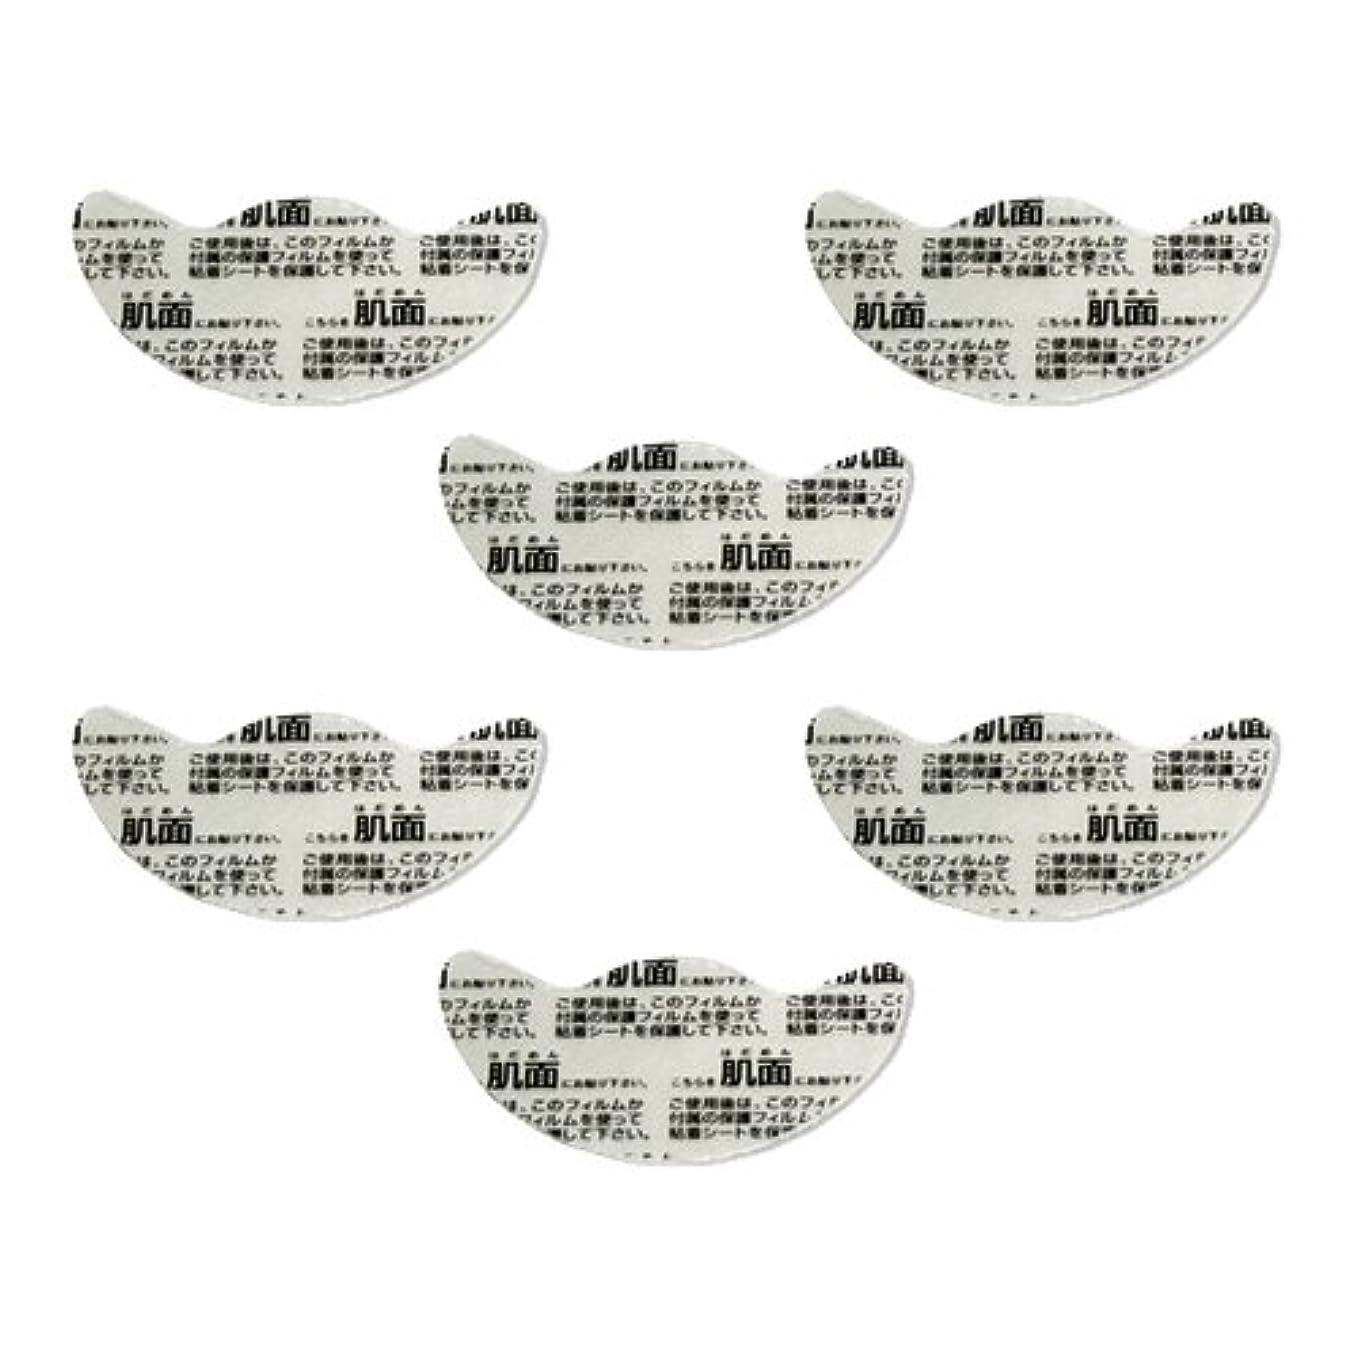 速度つなぐ葉ナール超音波EMS美顔器 小顔ナール(Kogao NARL) 交換用粘着シート 6枚(2枚×3組)